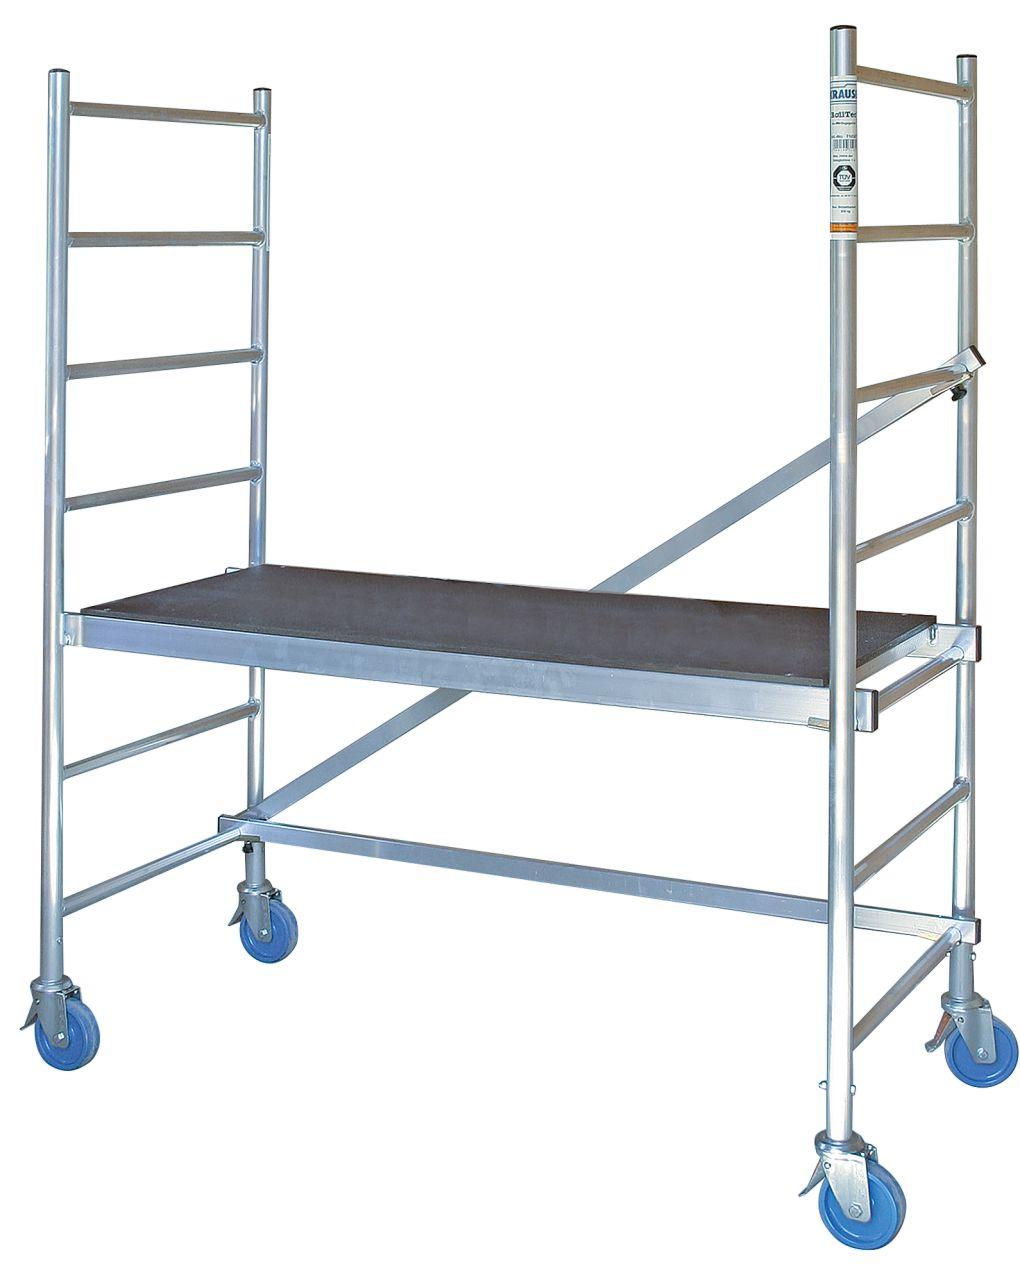 Алюминиевые монтажные подмости. Легко перемещаемые и собираемые без инструмента алюминиевые монтажные подмости для внутренних работ.